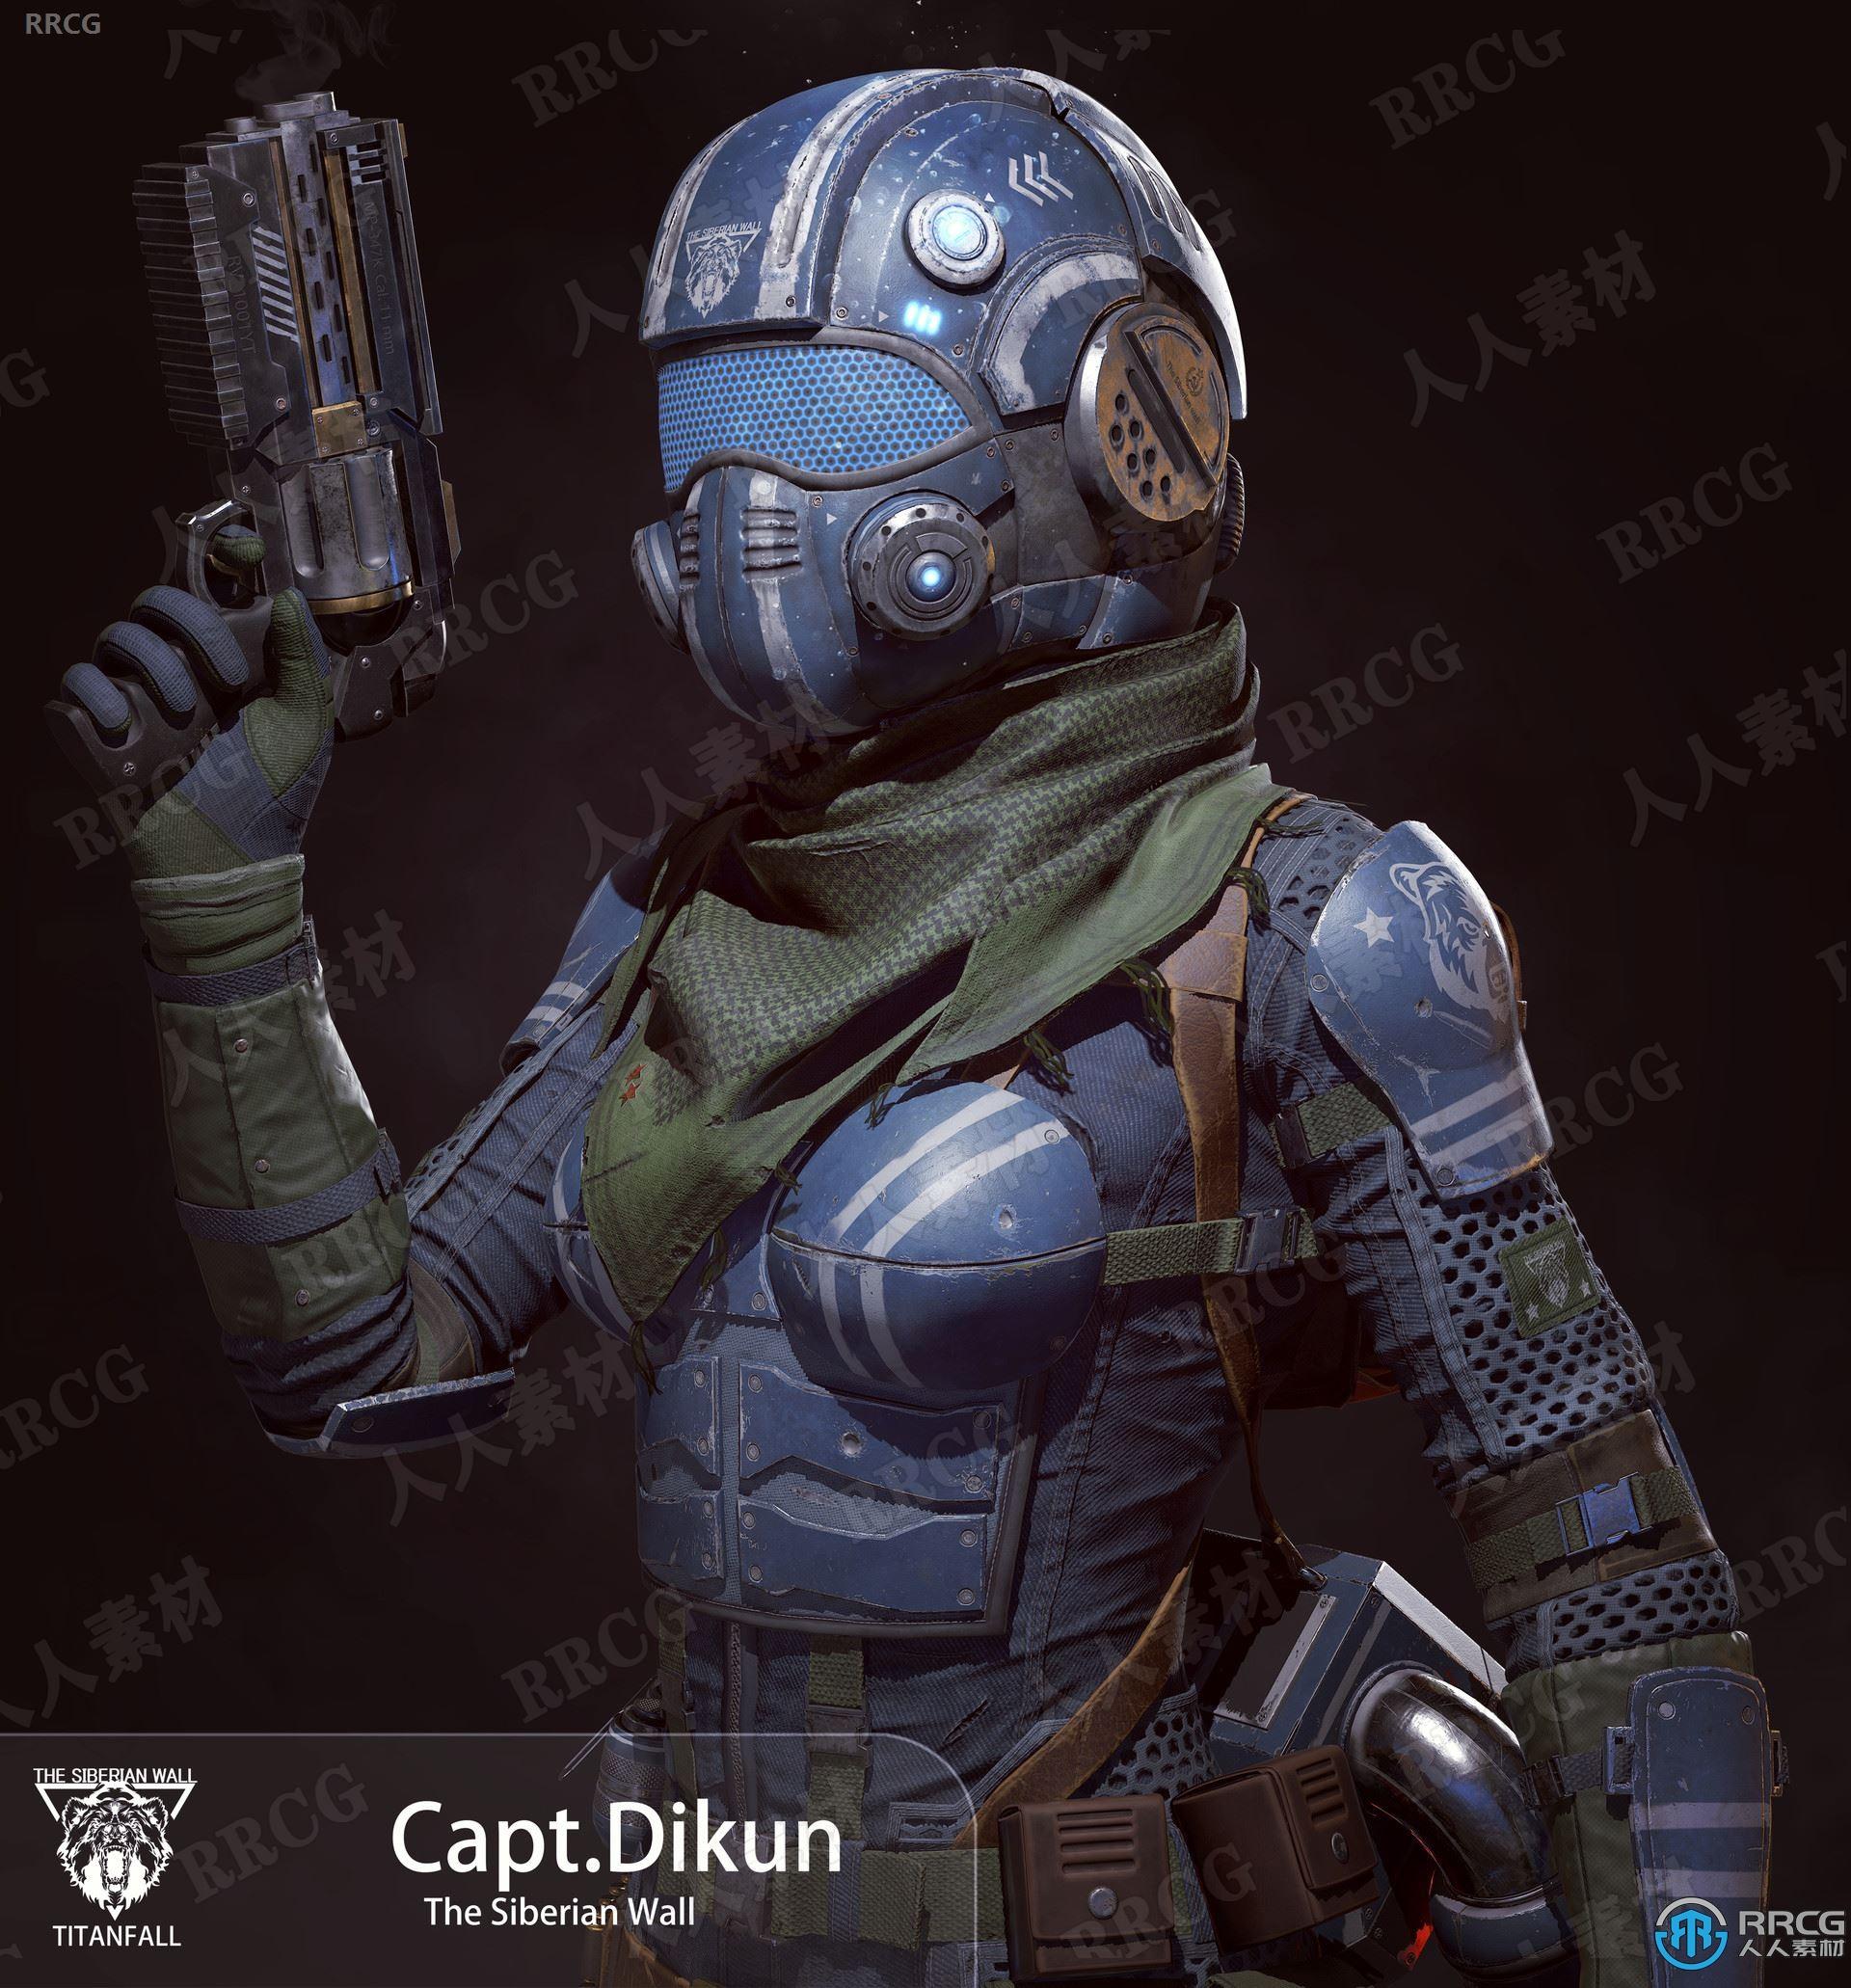 泰坦陨落游戏Yuliya Dikun上尉角色服装武器装备3D模型